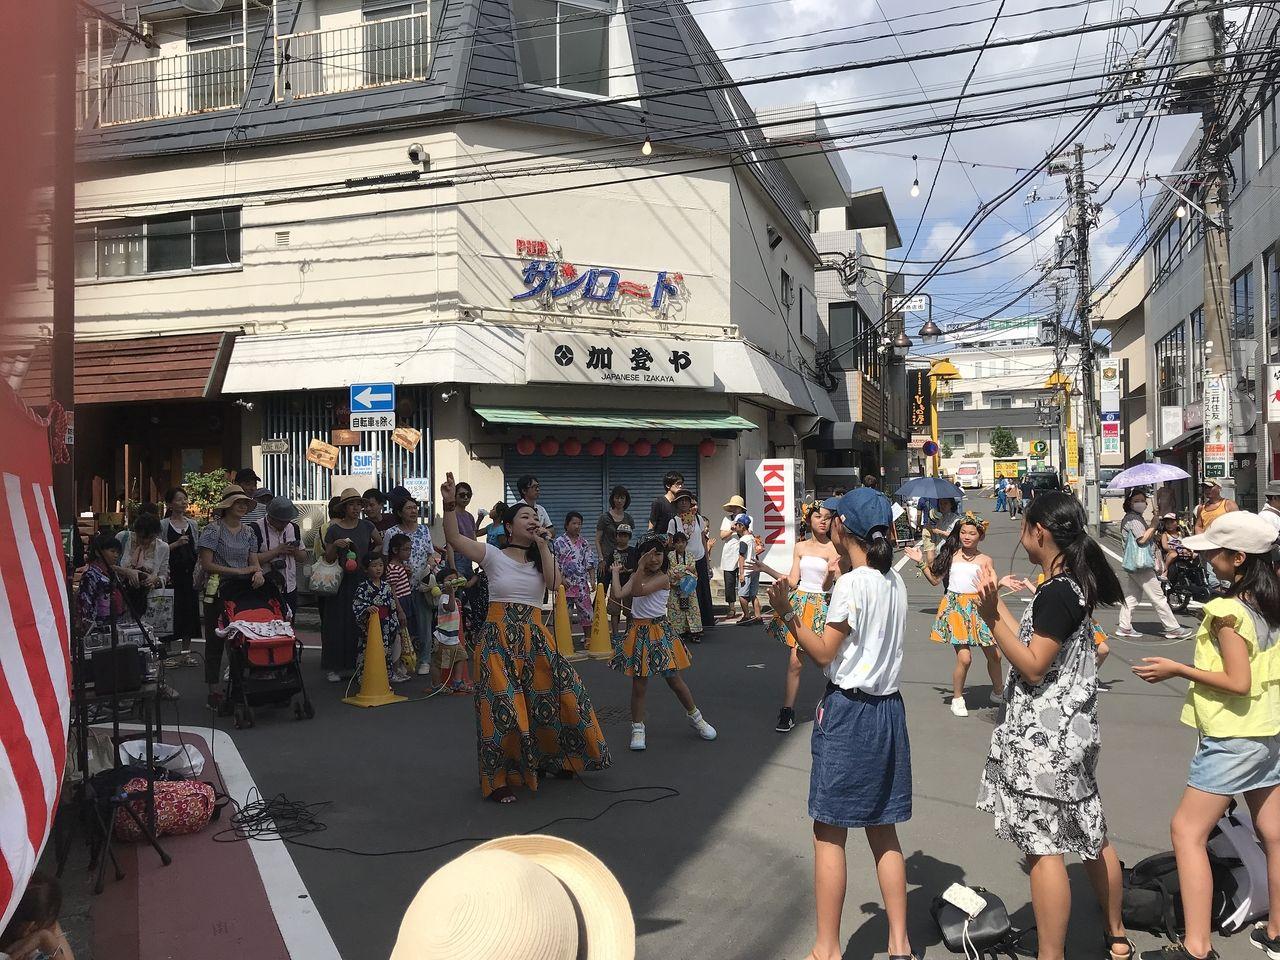 2018年たまプラーザ夏まつり・中央商店街・フラダンス